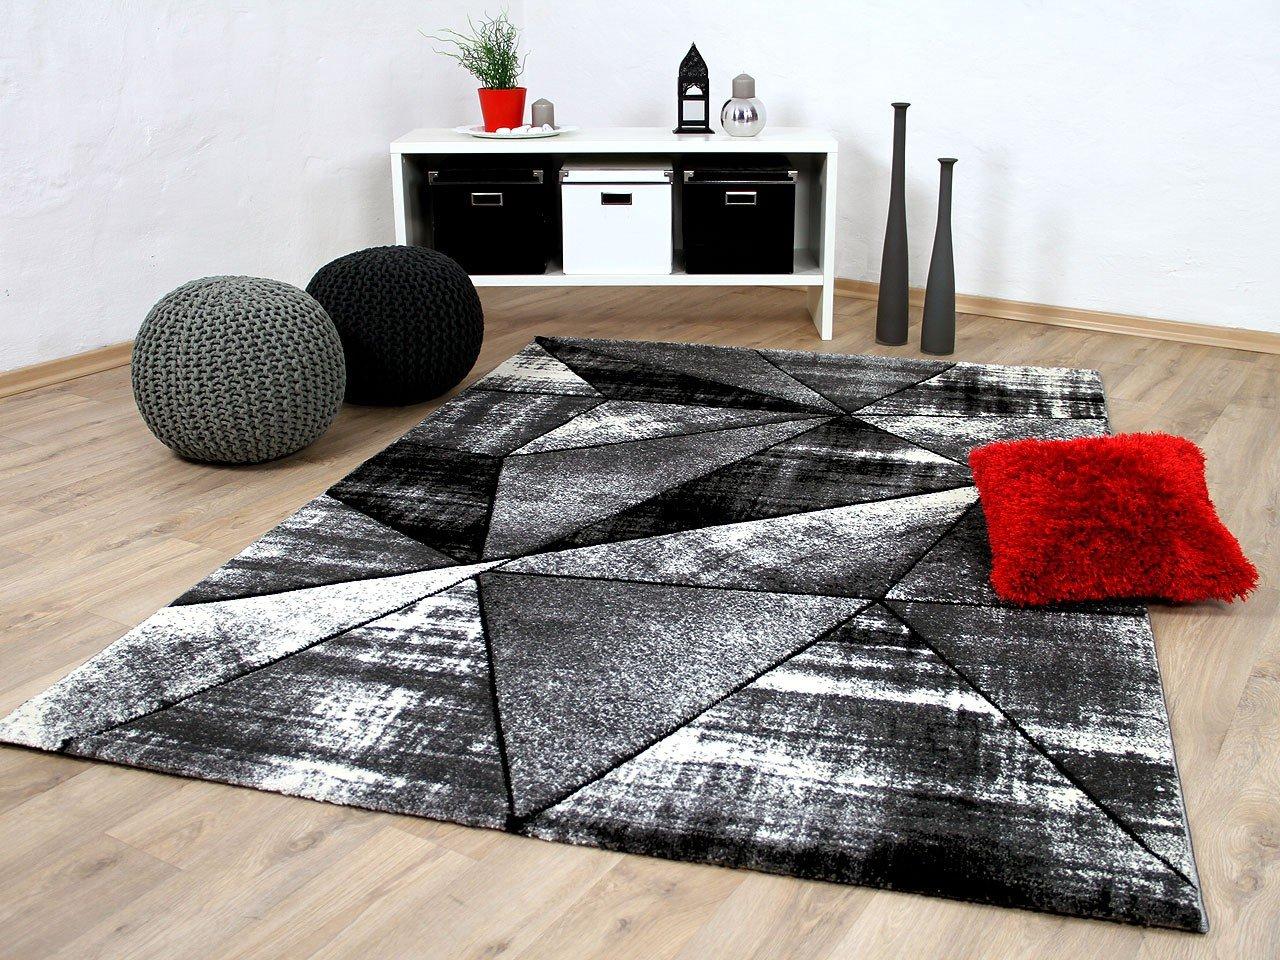 Designer Teppich Brilliant Grau Anthrazit Magic in 5 Größen